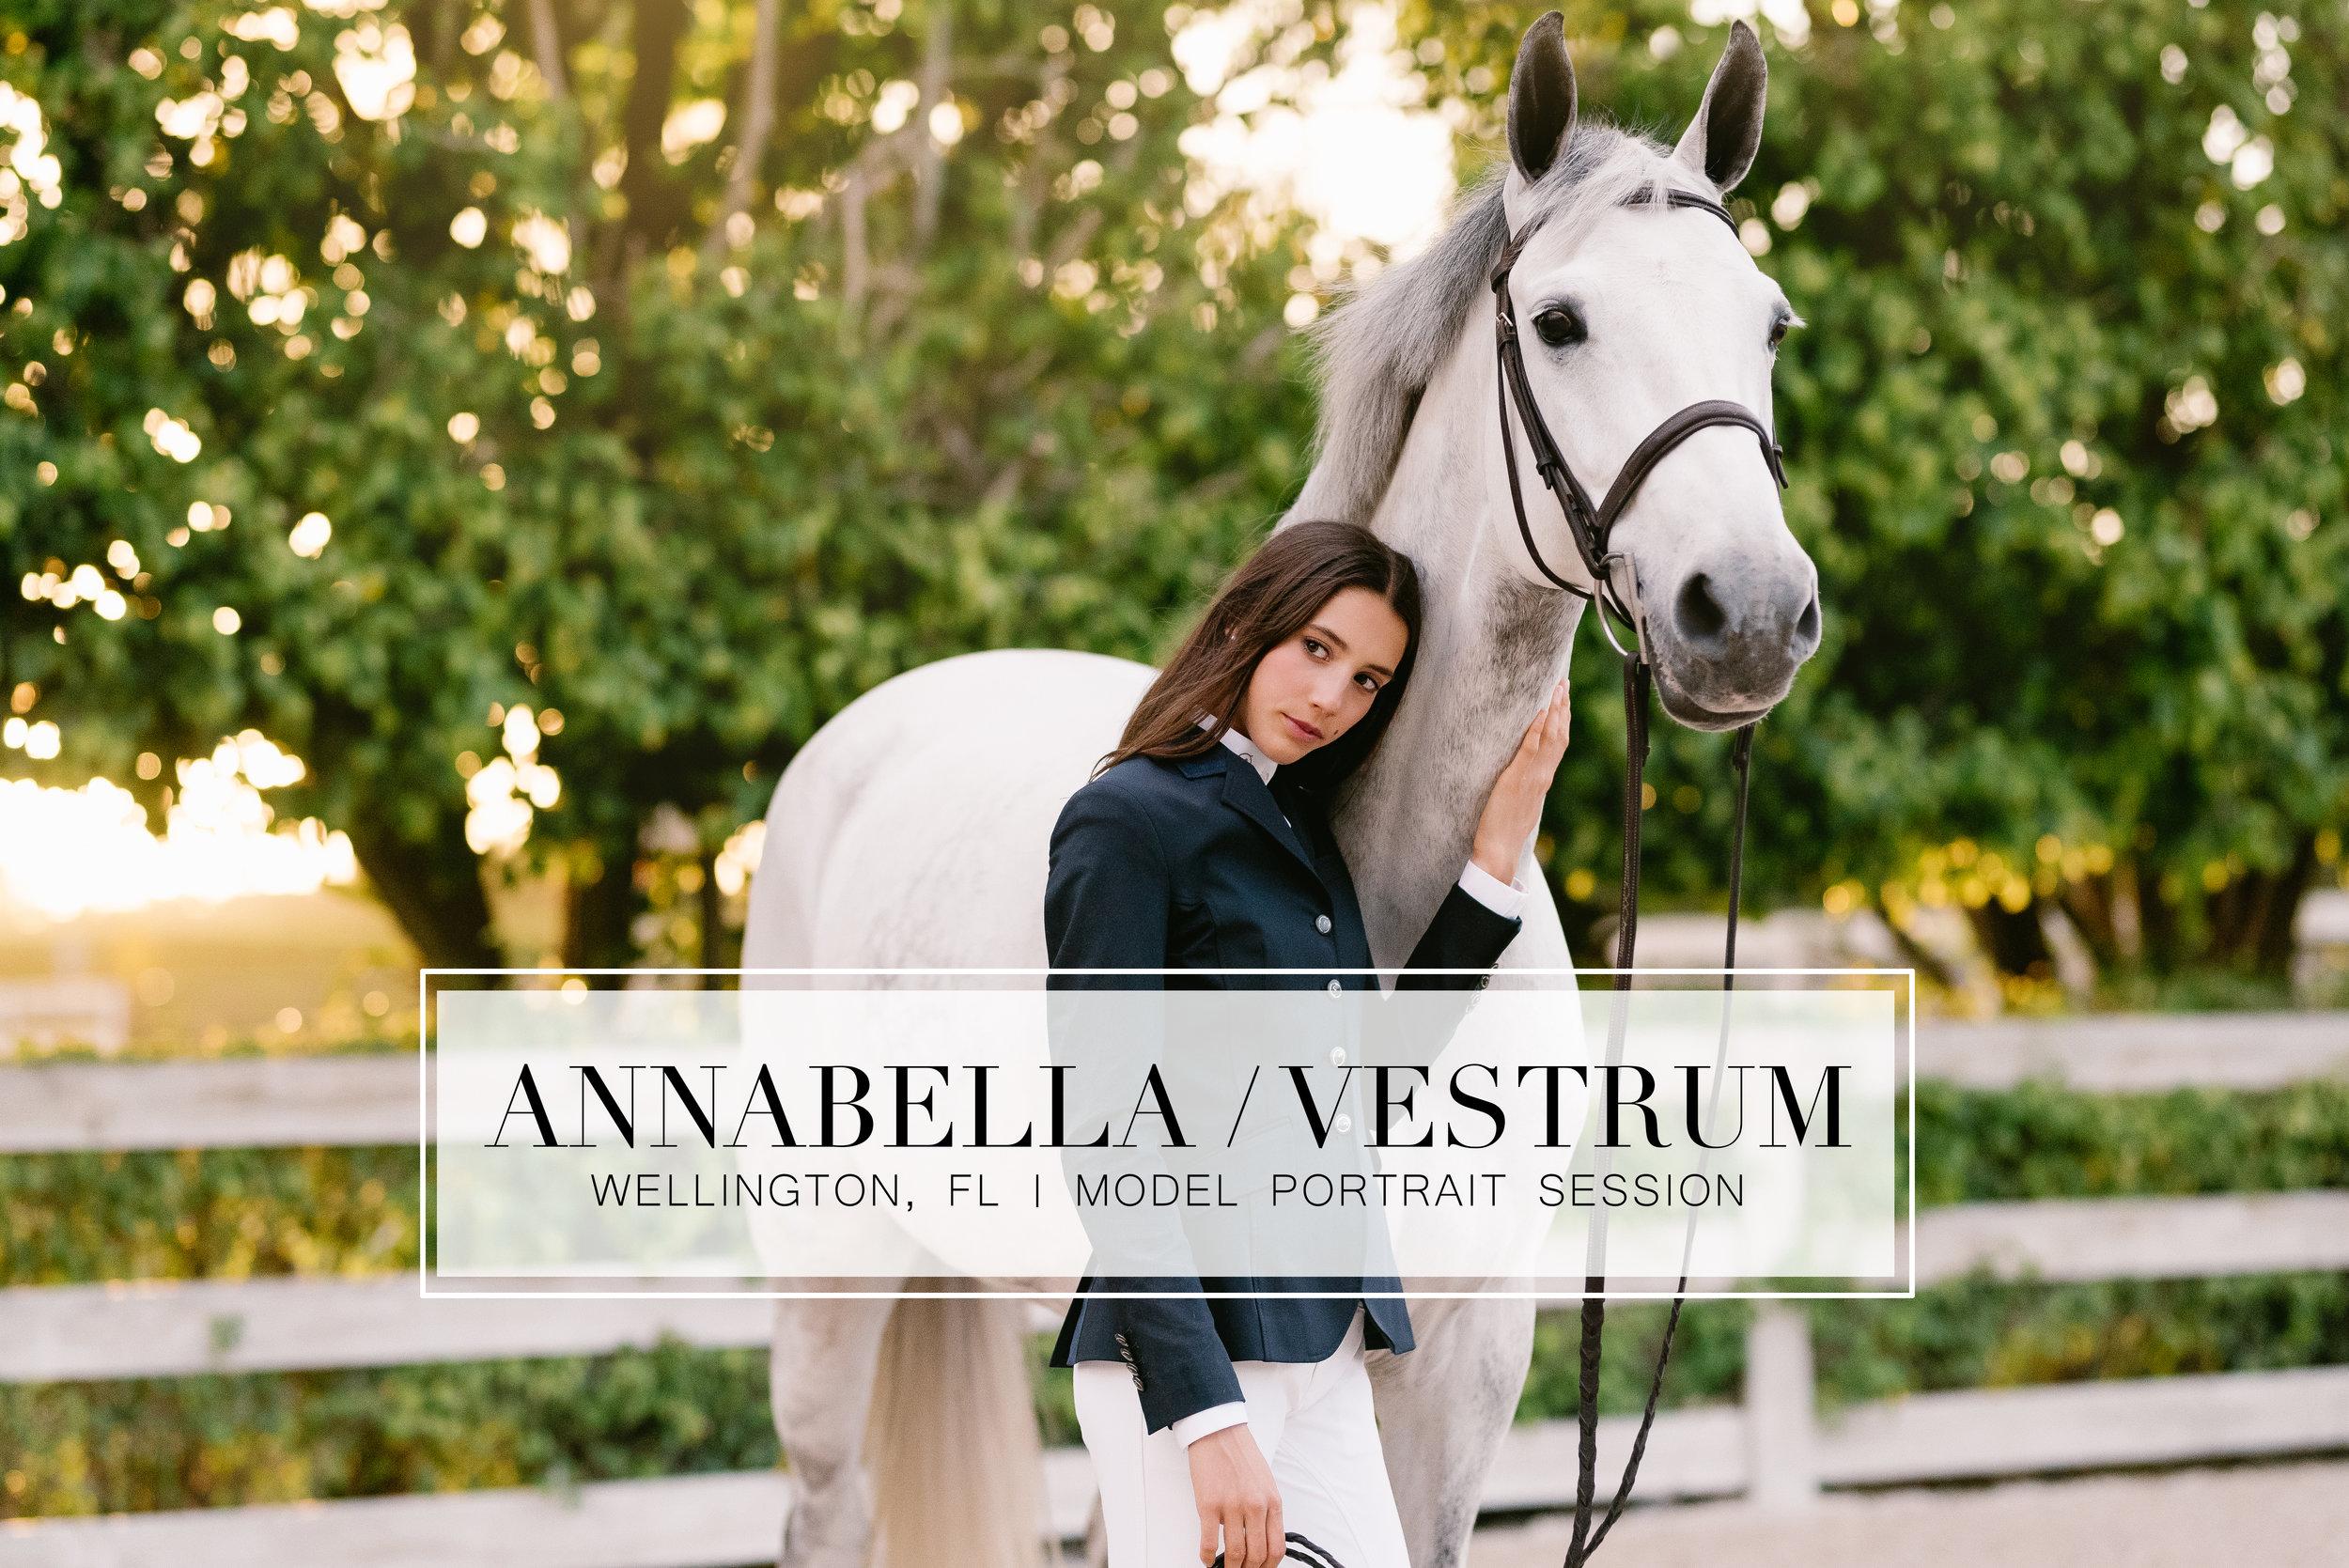 annabellavestrum_header.jpg